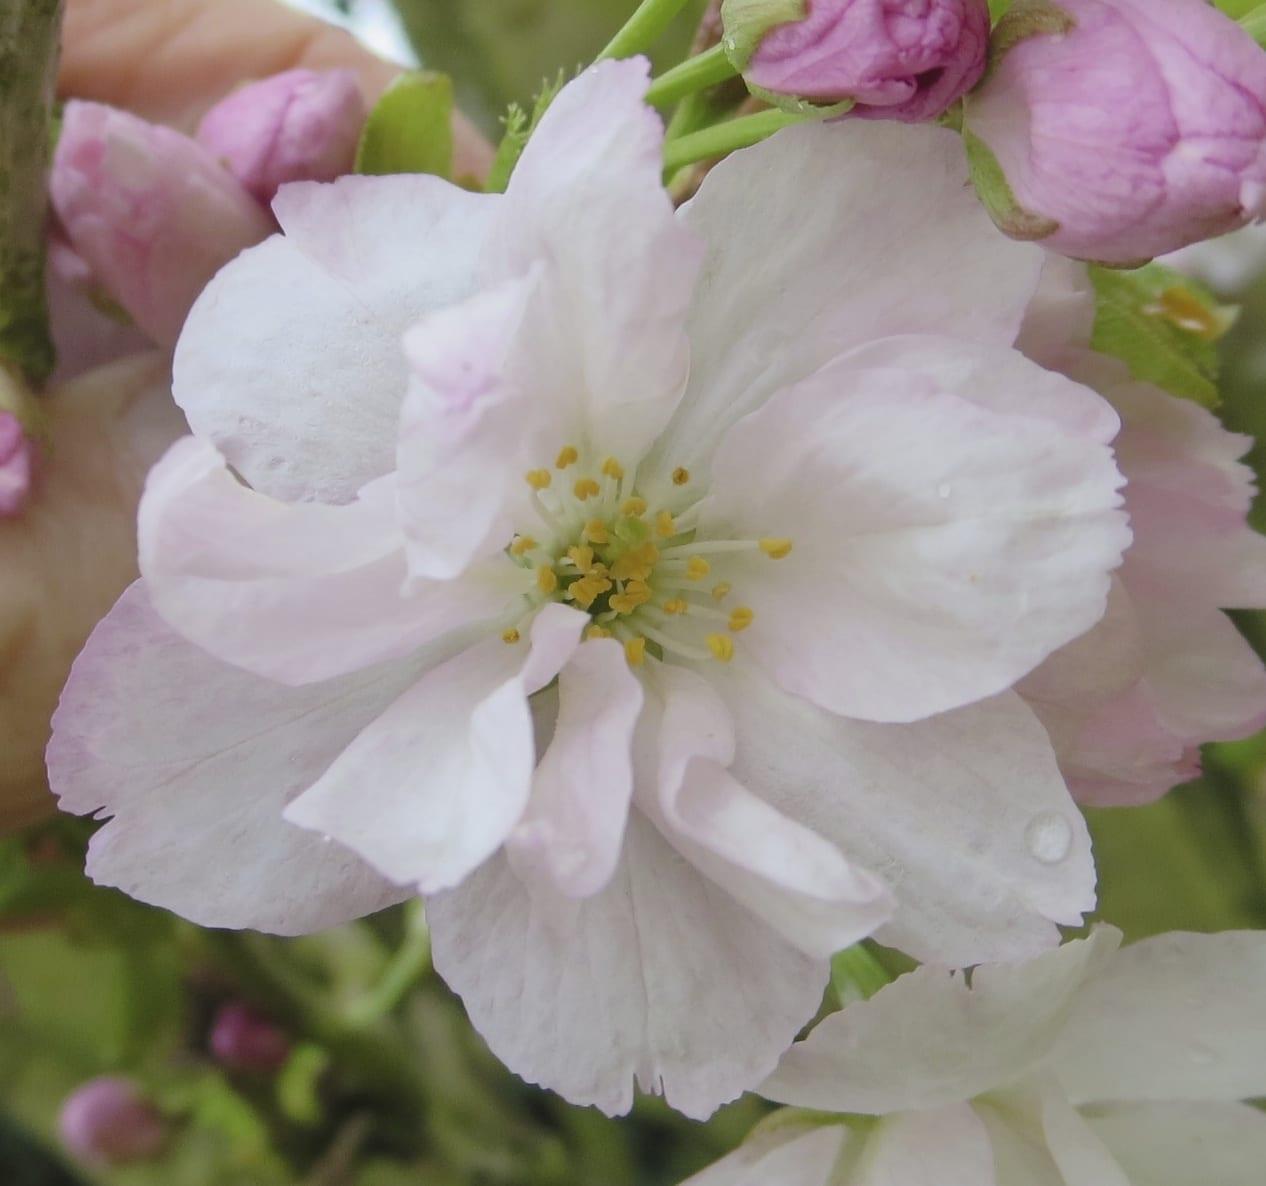 'Amanogawa' Cherry flower